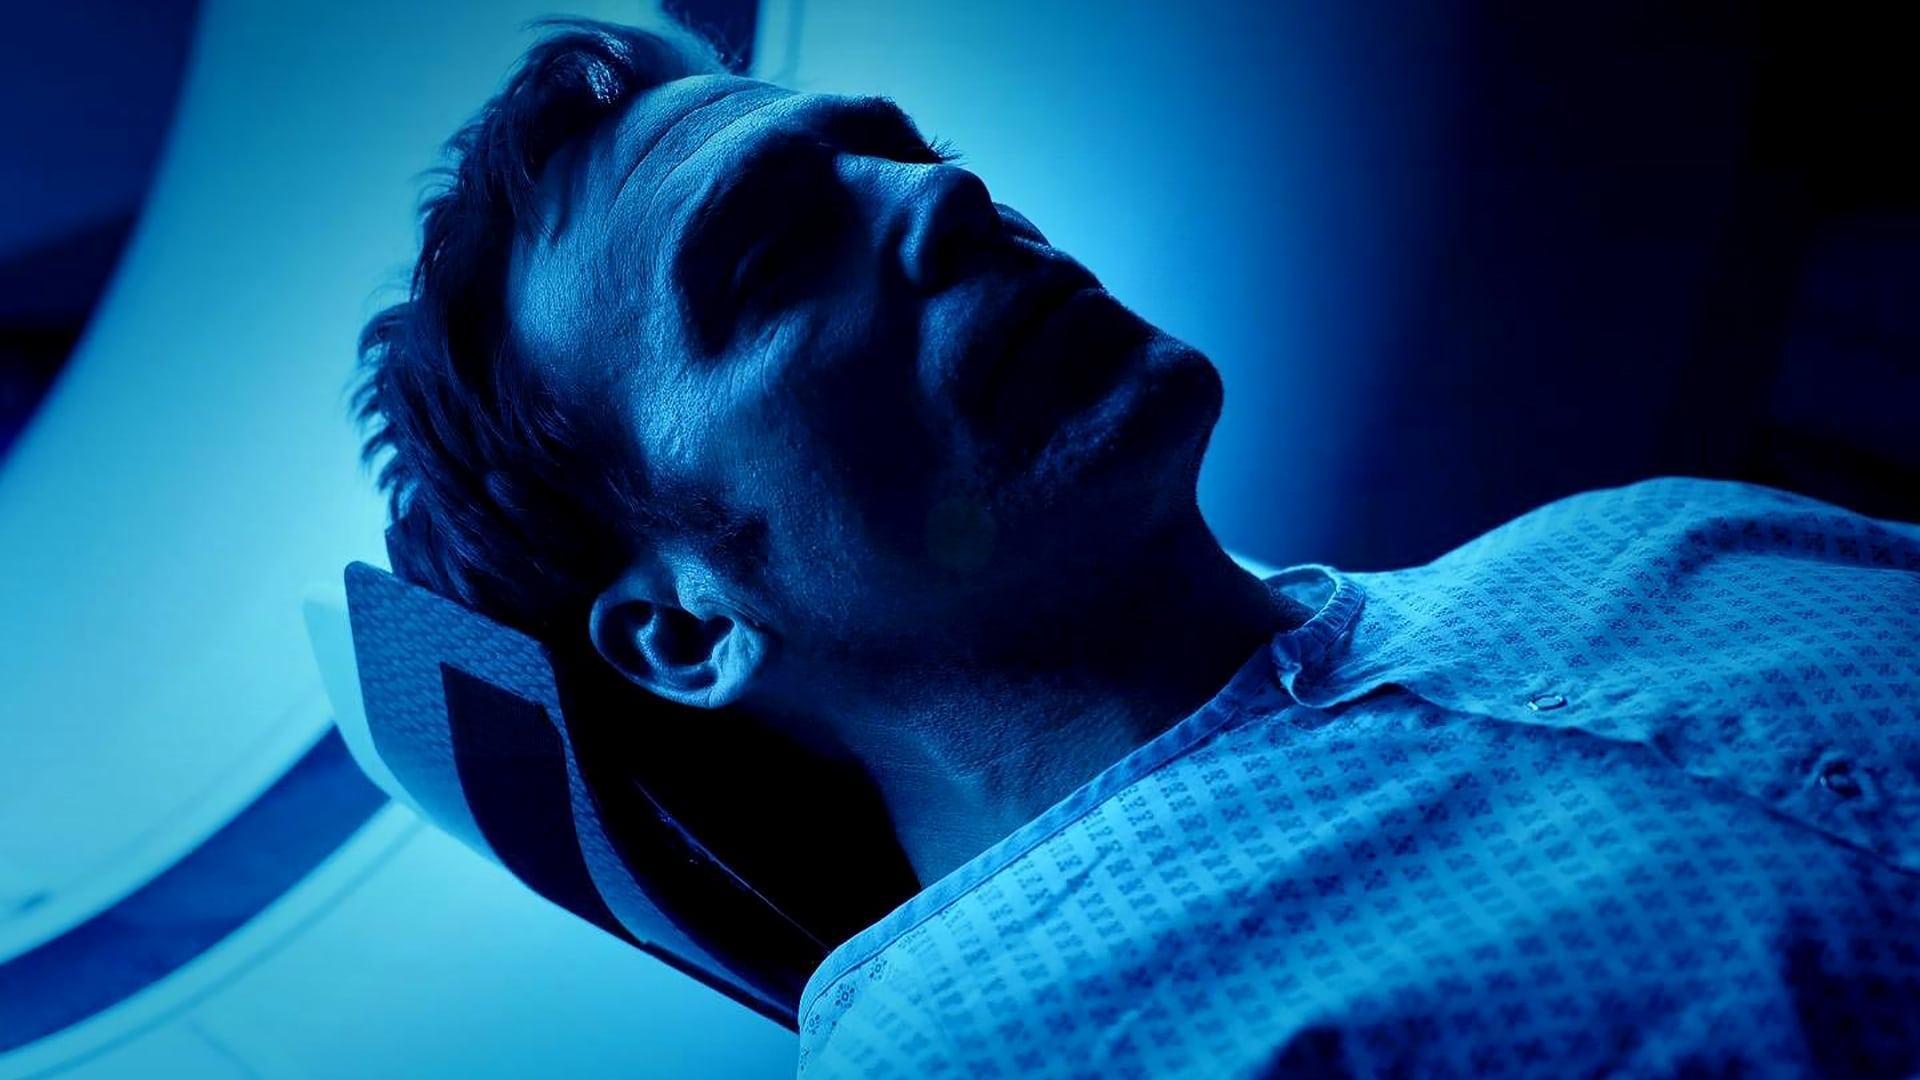 11-11-11 Movie